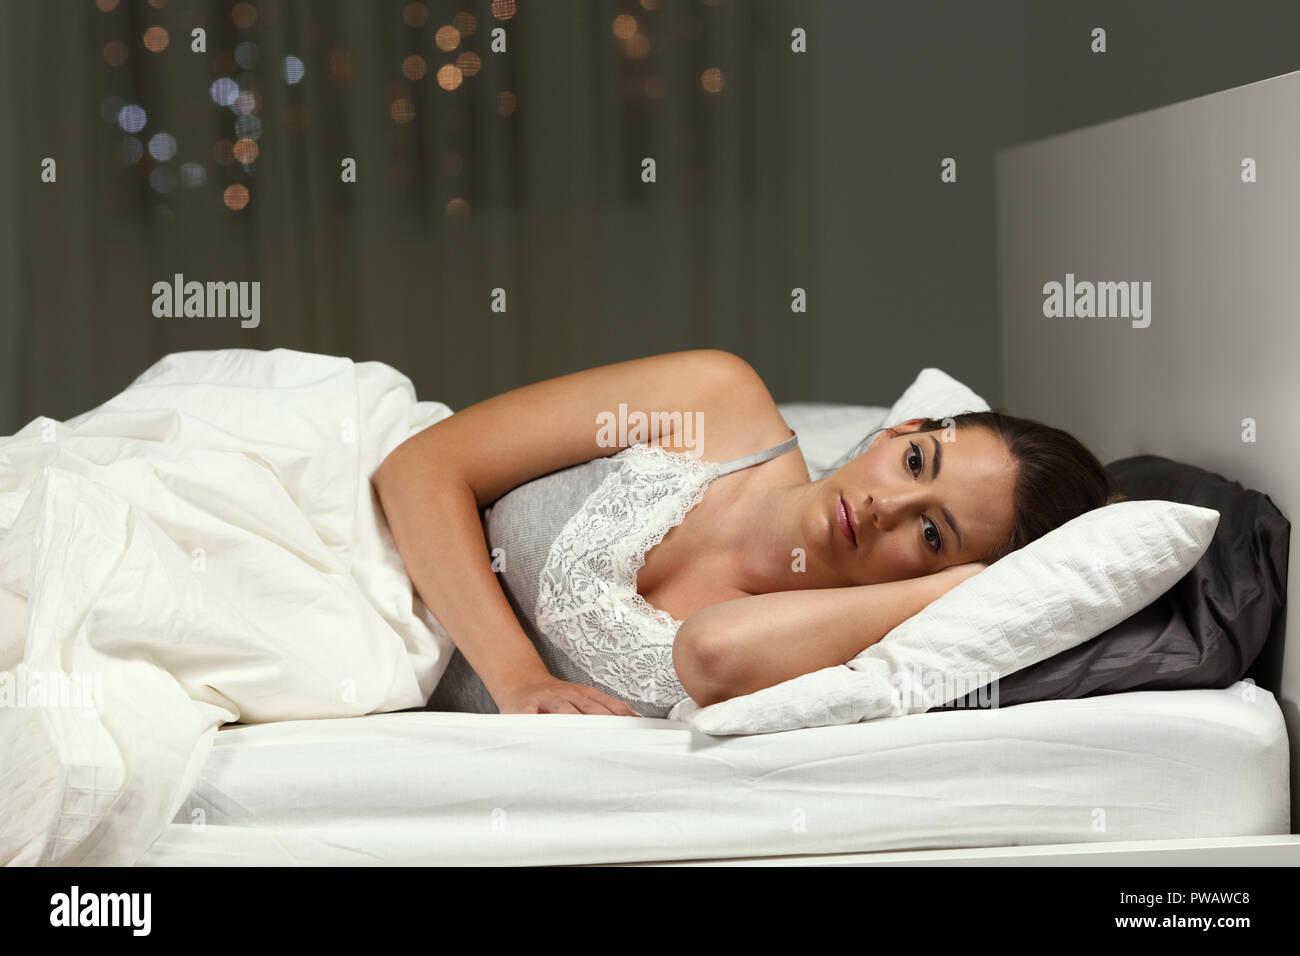 Insomniac mujer no puede dormir acostada en la cama en la noche en su domicilio. Foto de stock